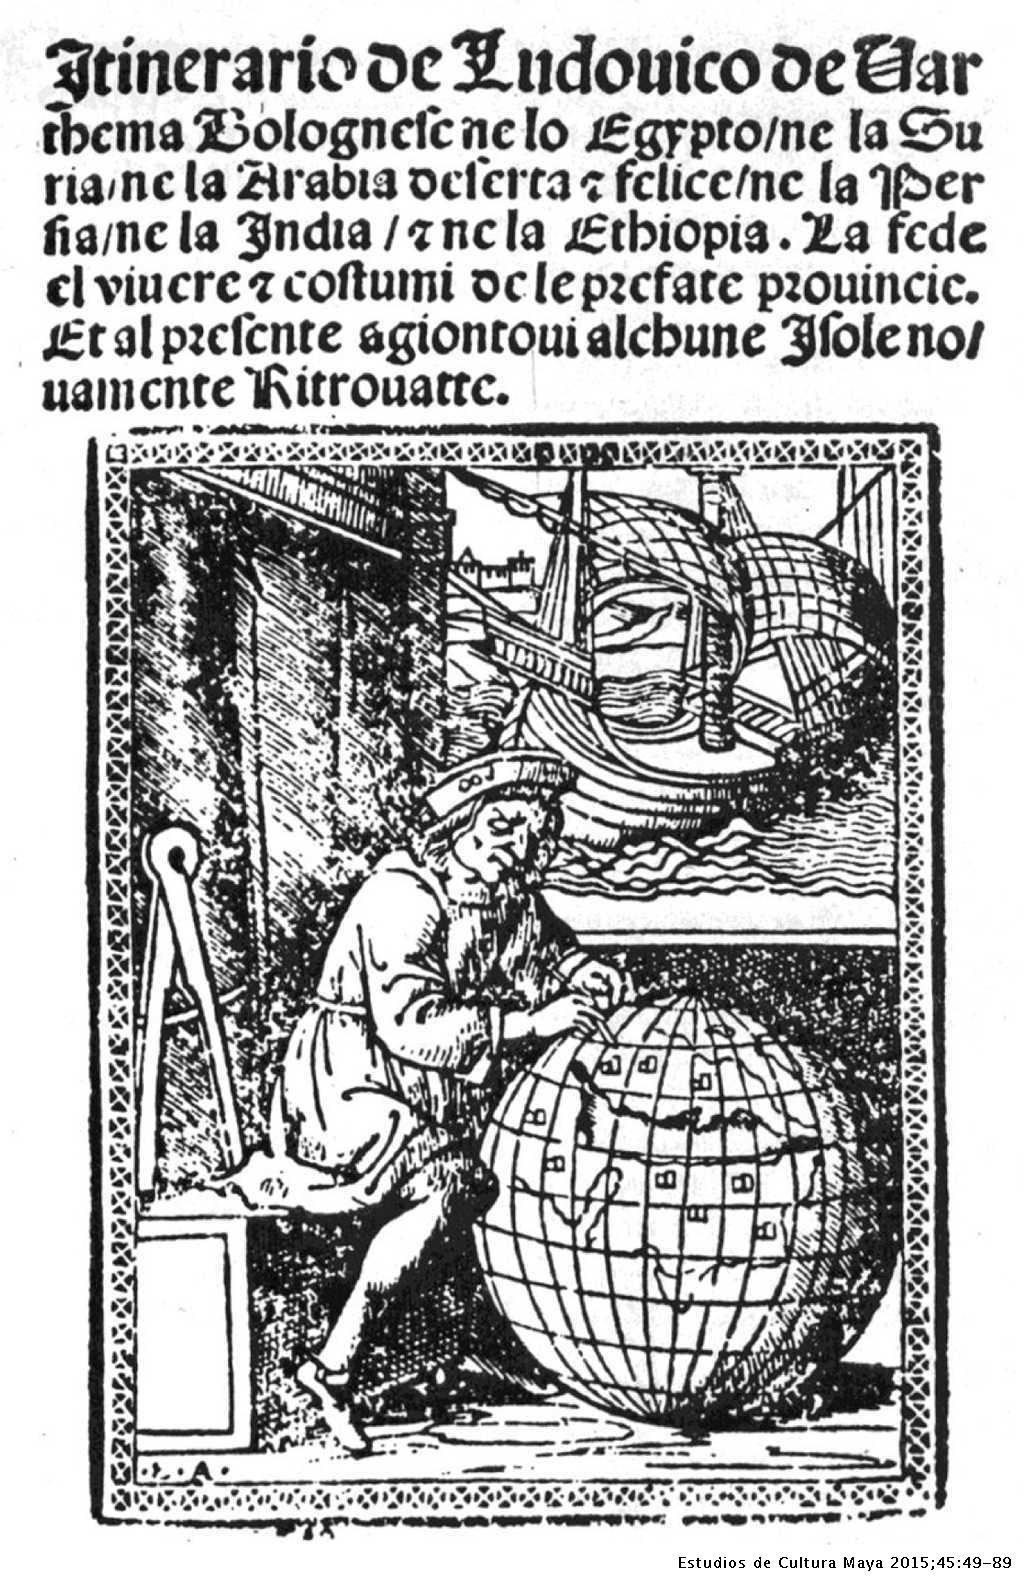 060c5673e Portada del Itinerario de Ludovico de Varthema en la edición de Zorzi di  Rusconi